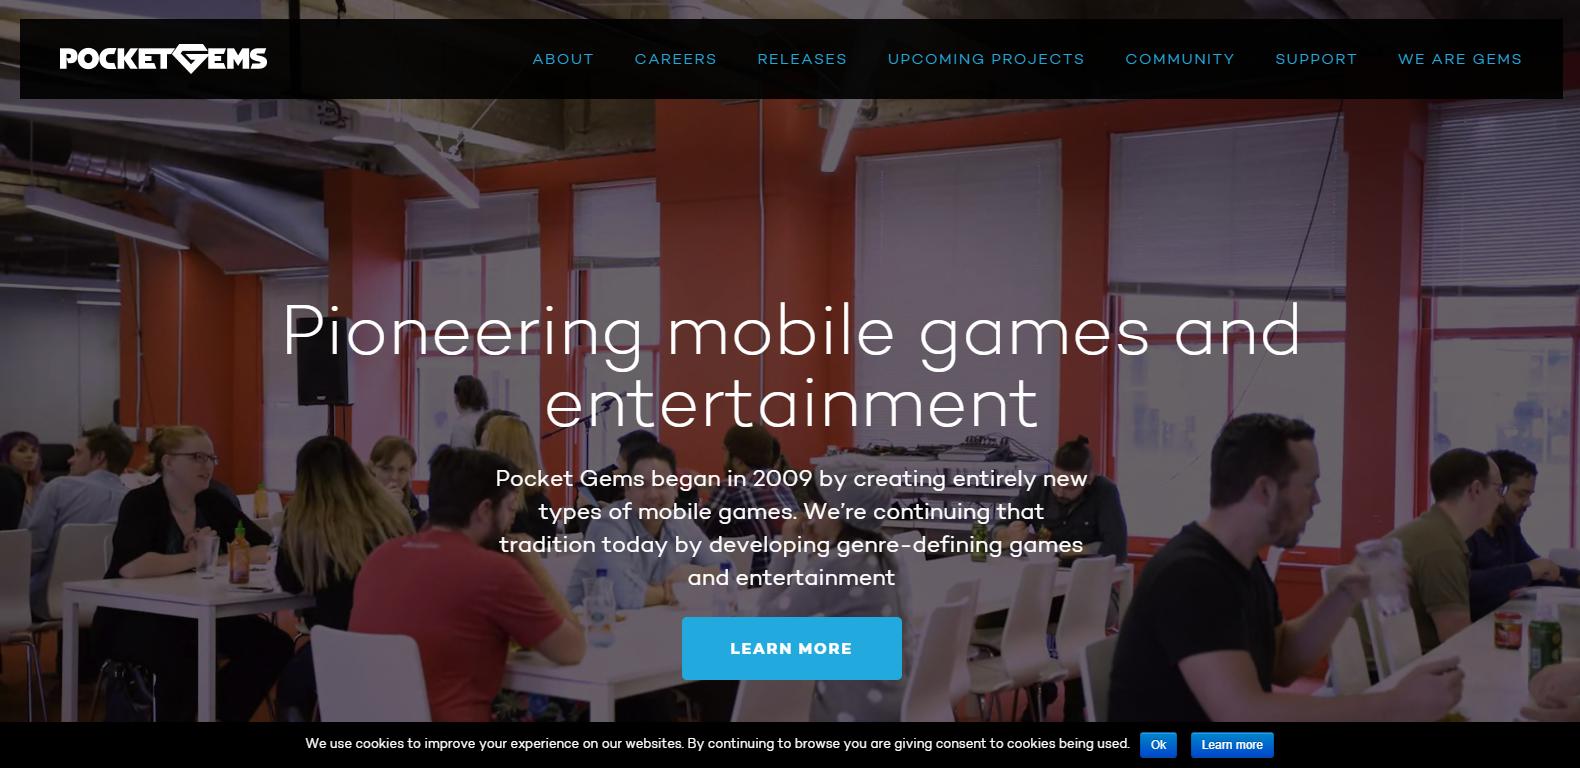 pocketgems website